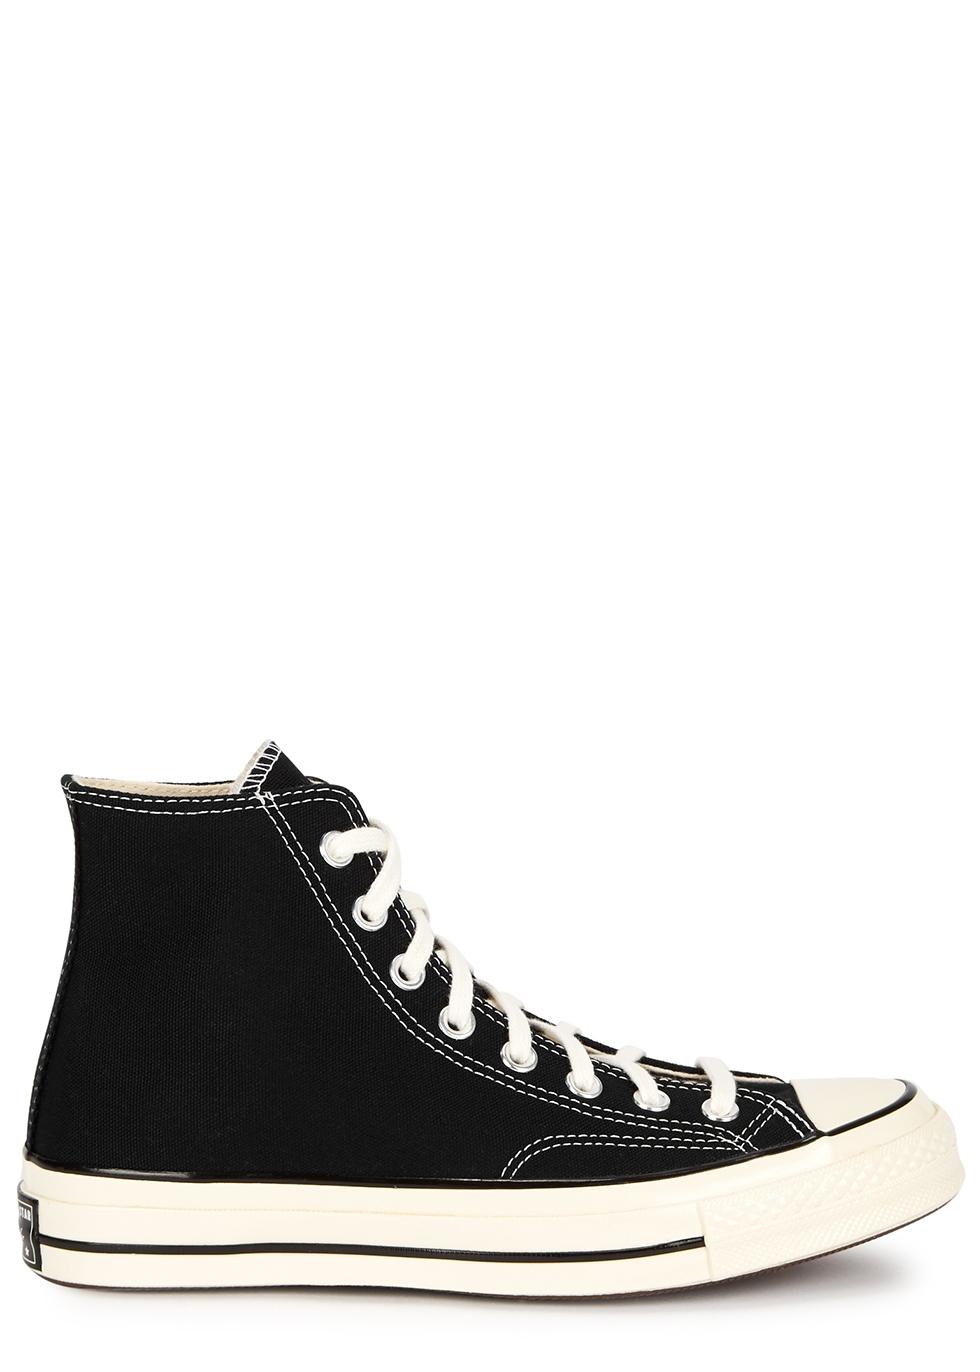 Chuck 70 black canvas hi-top sneakers